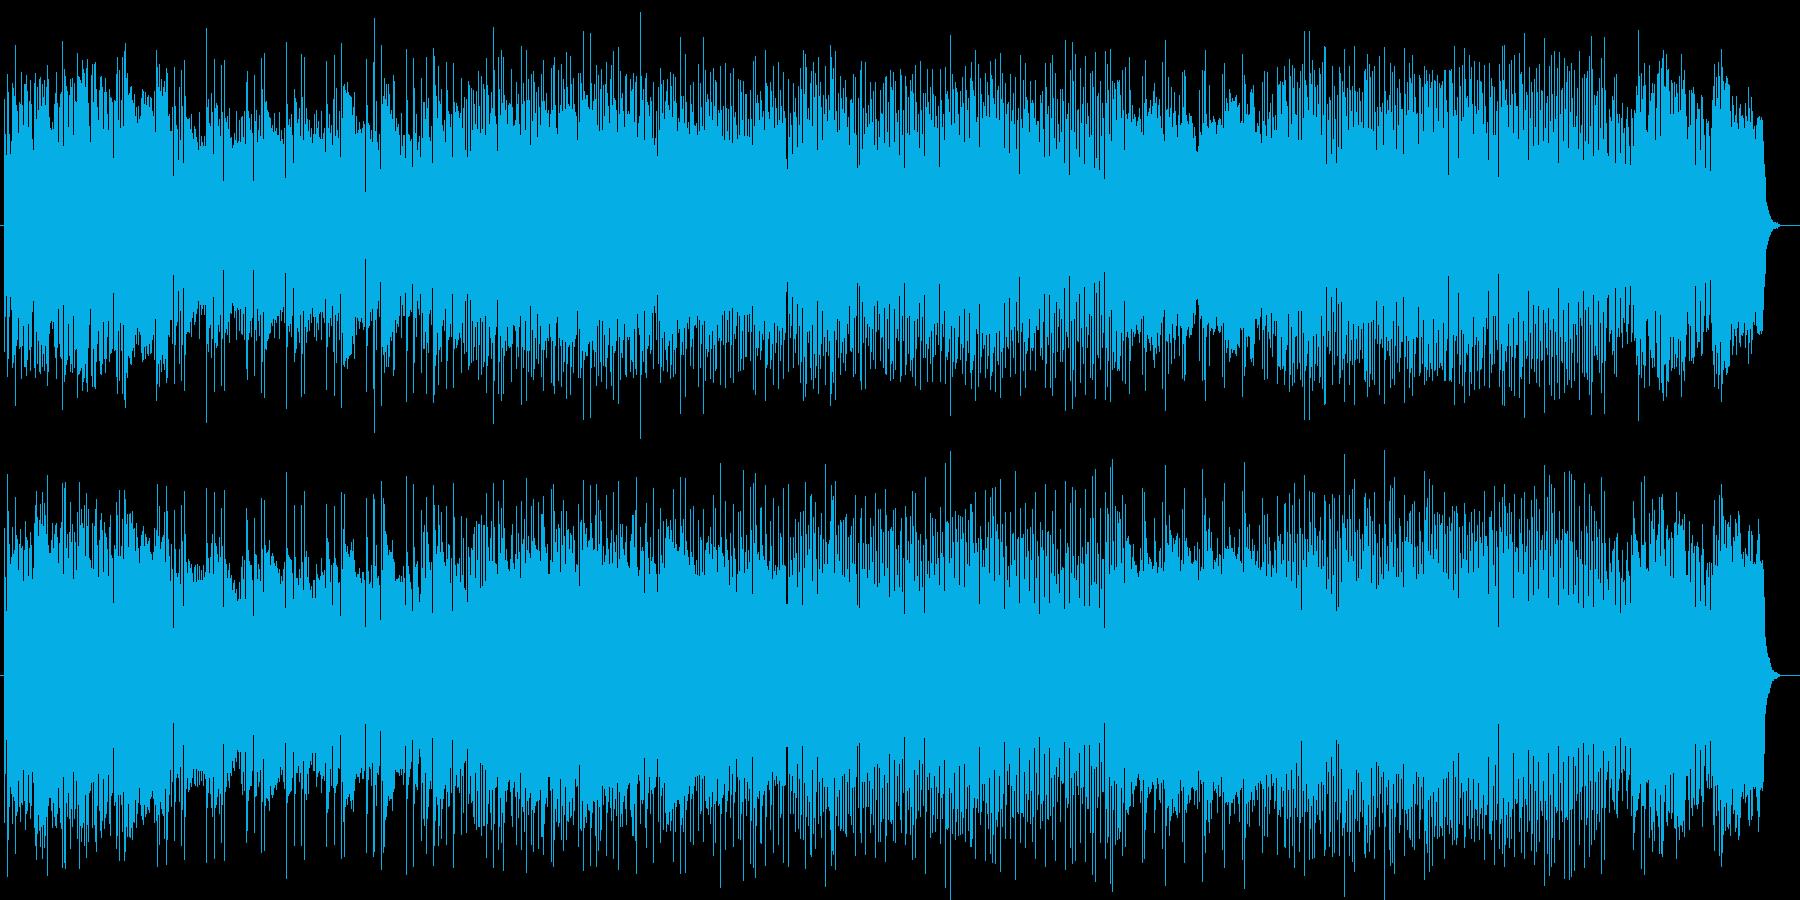 広がりがあるシンセのコード弾きで始まる曲の再生済みの波形